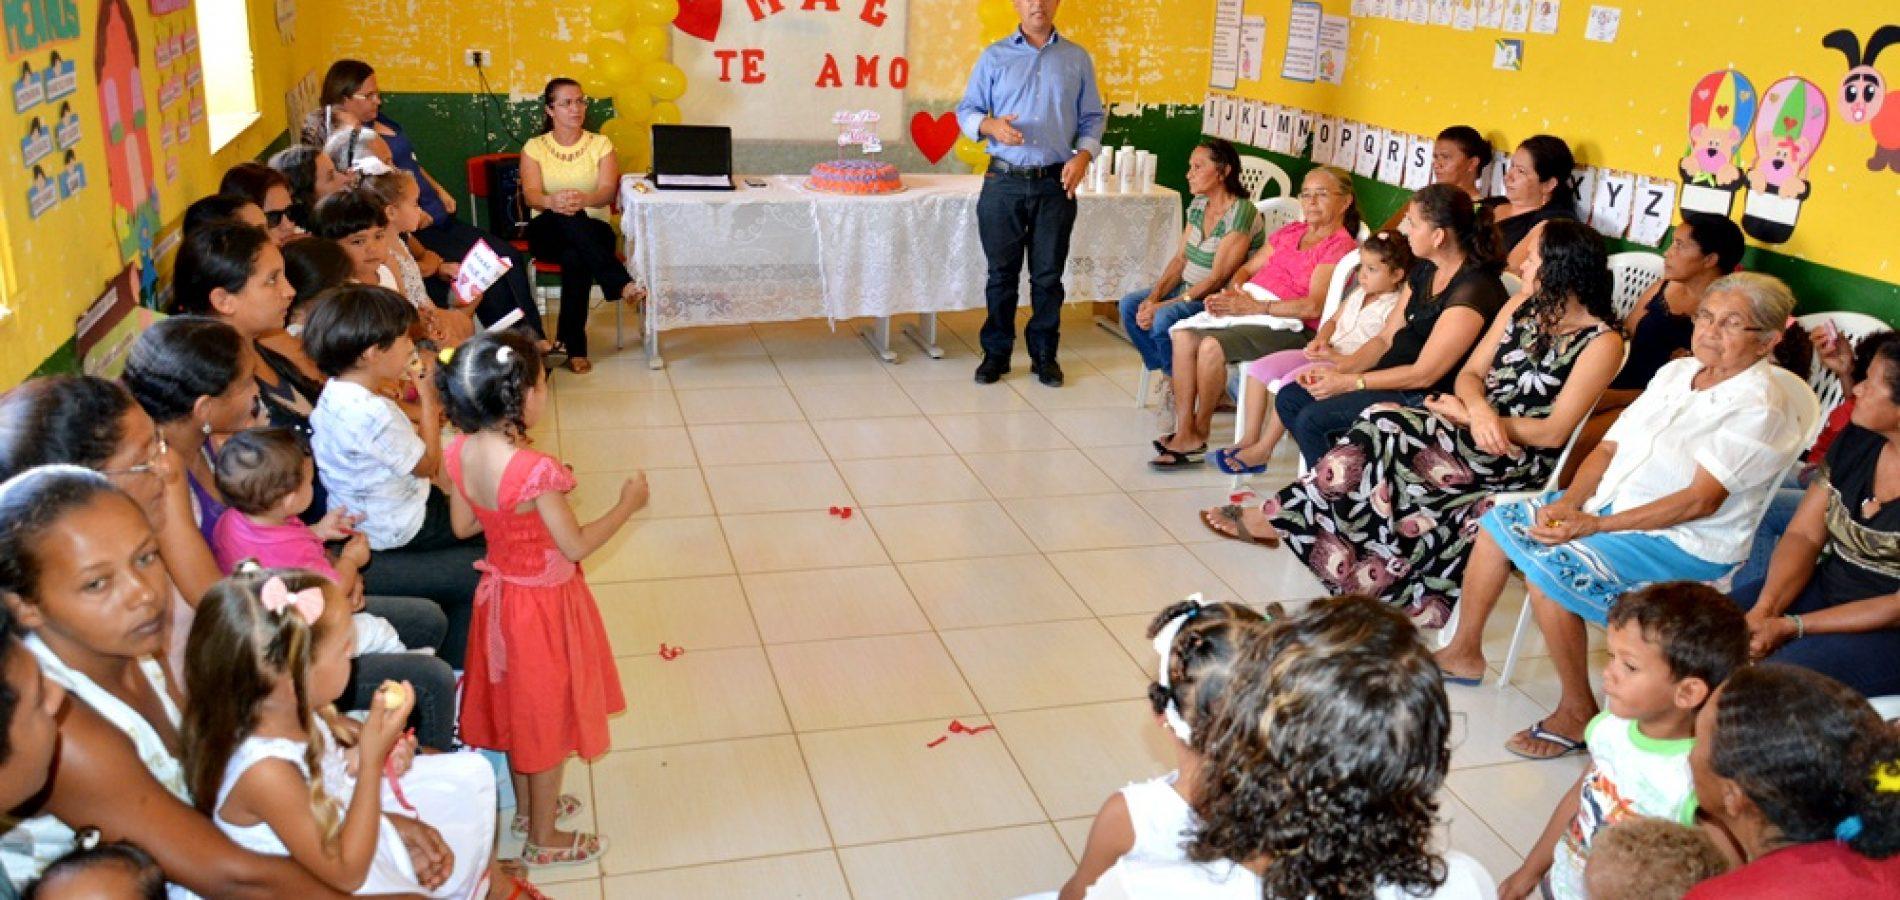 FOTOS | Comemorações ao Dia das Mães em Caldeirão Grande do Piauí